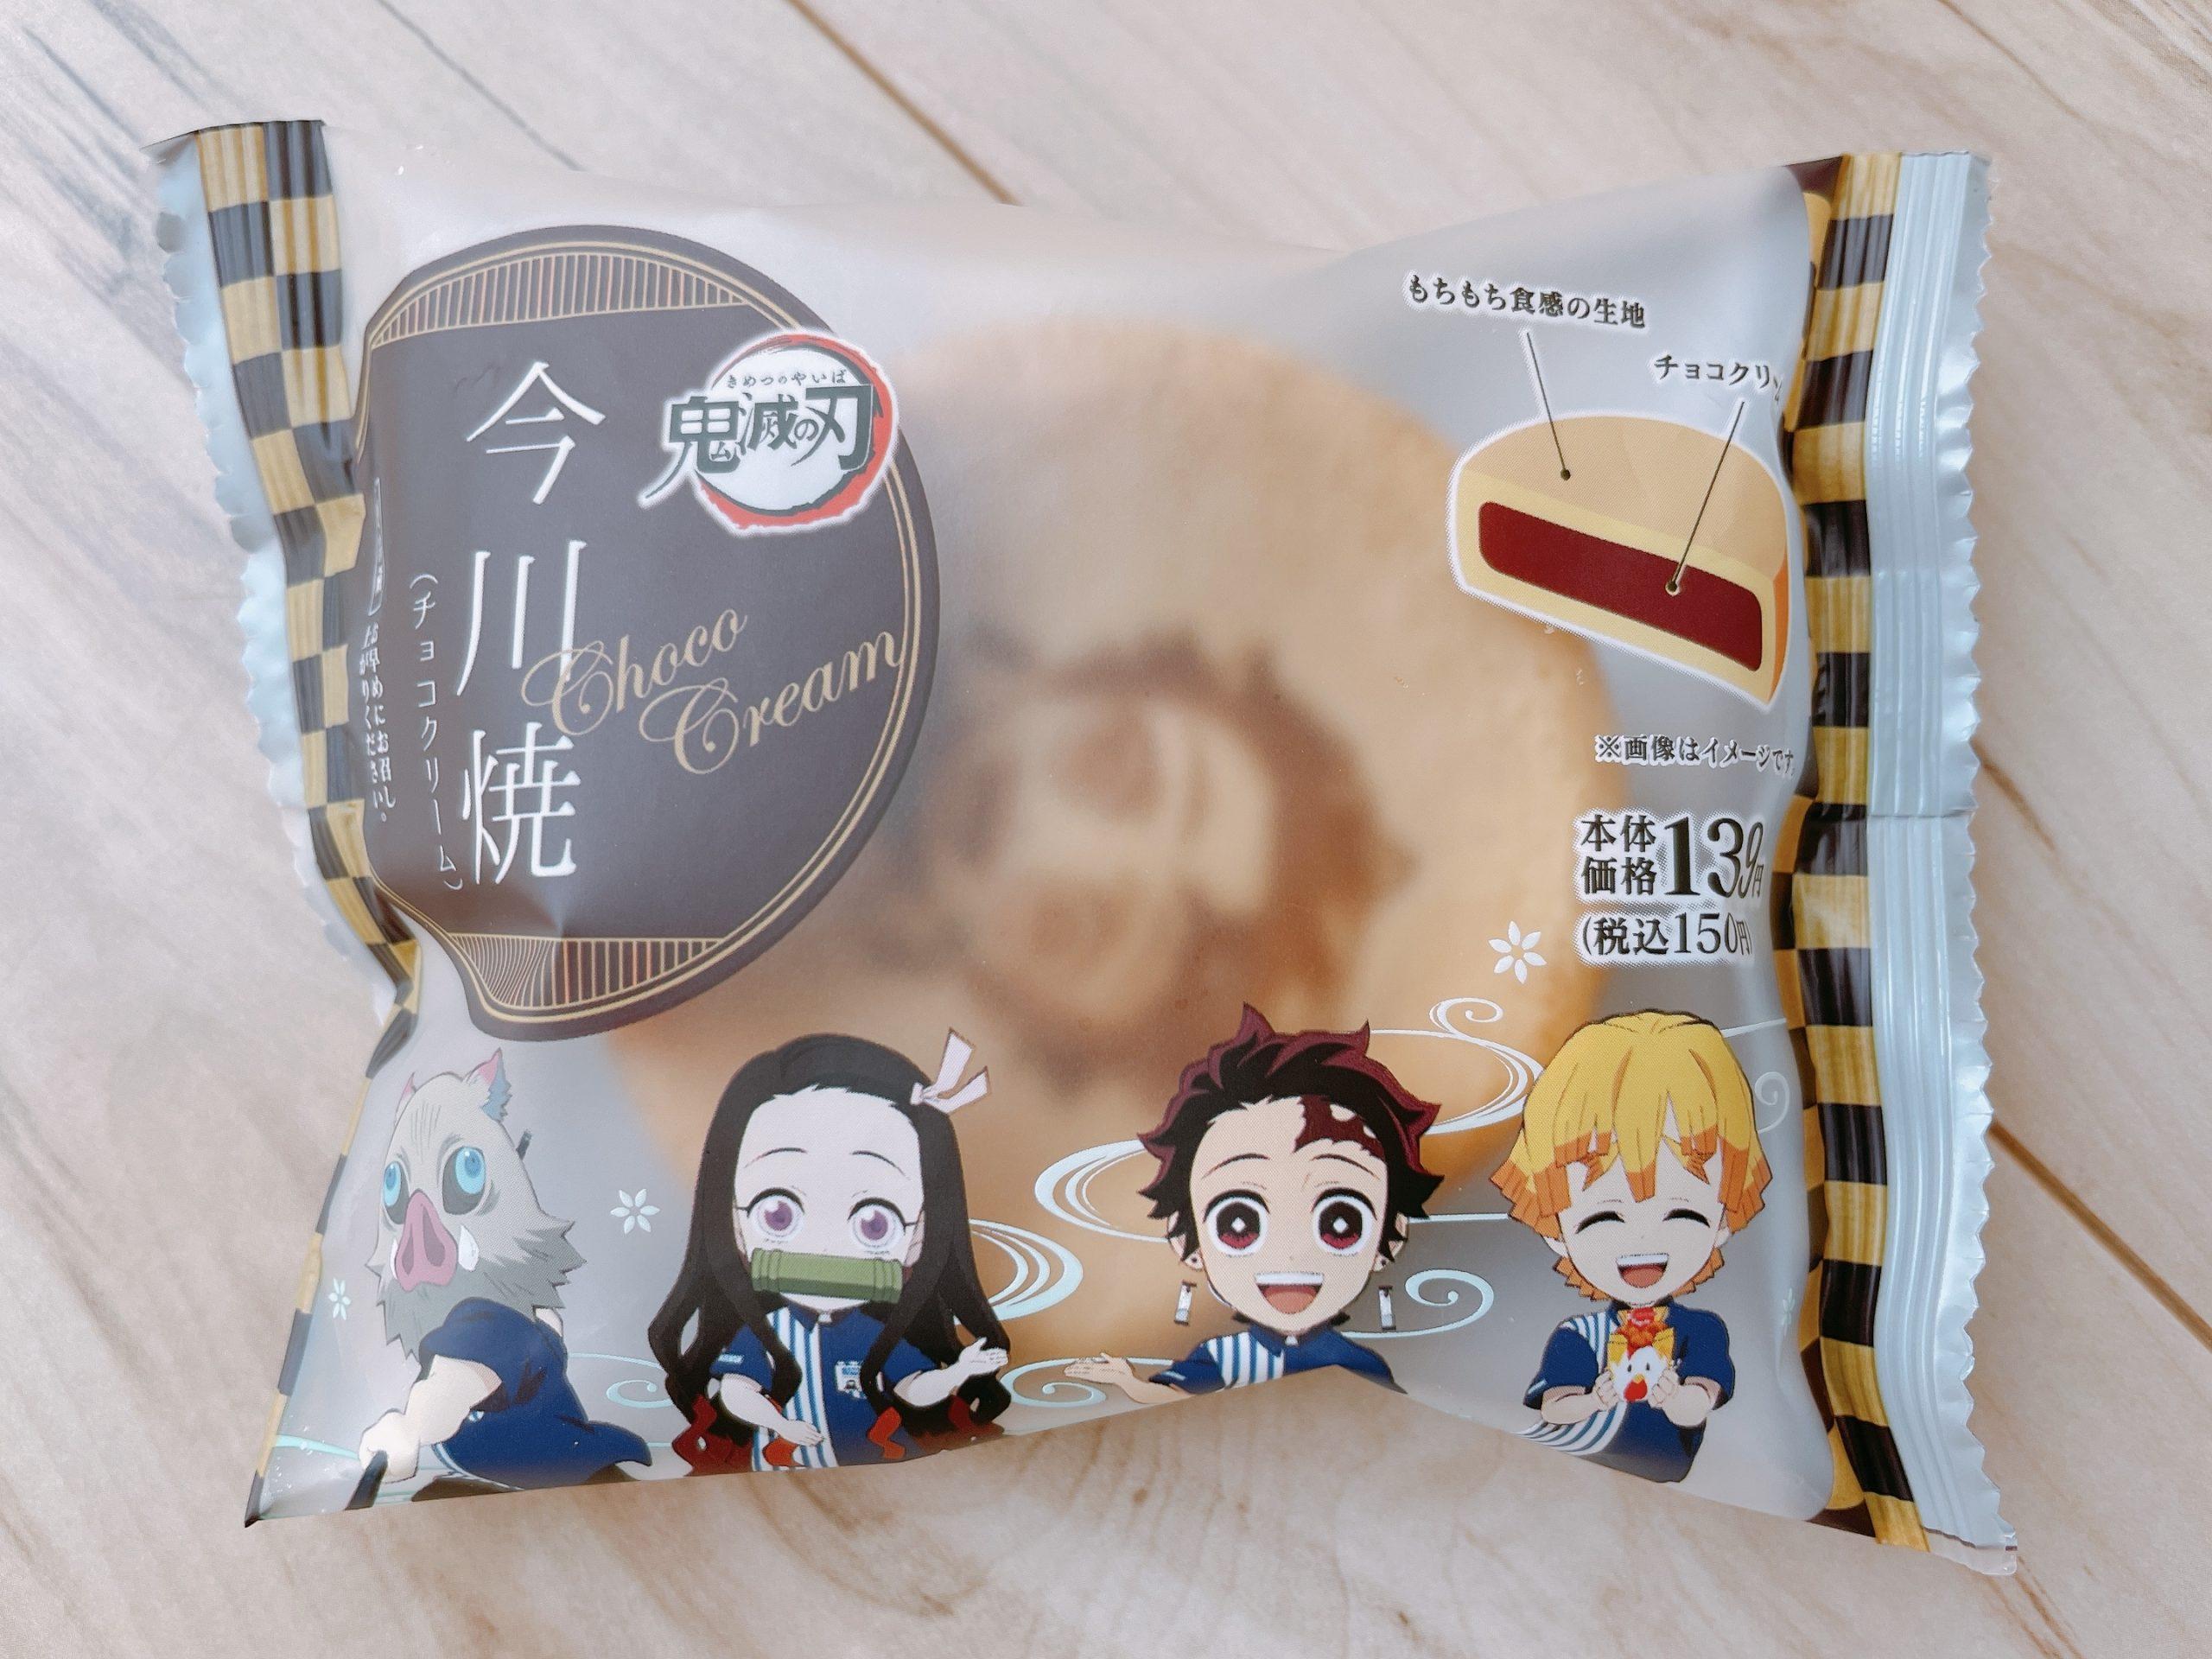 「鬼滅の刃」今川焼(チョコクリーム)のパッケージ